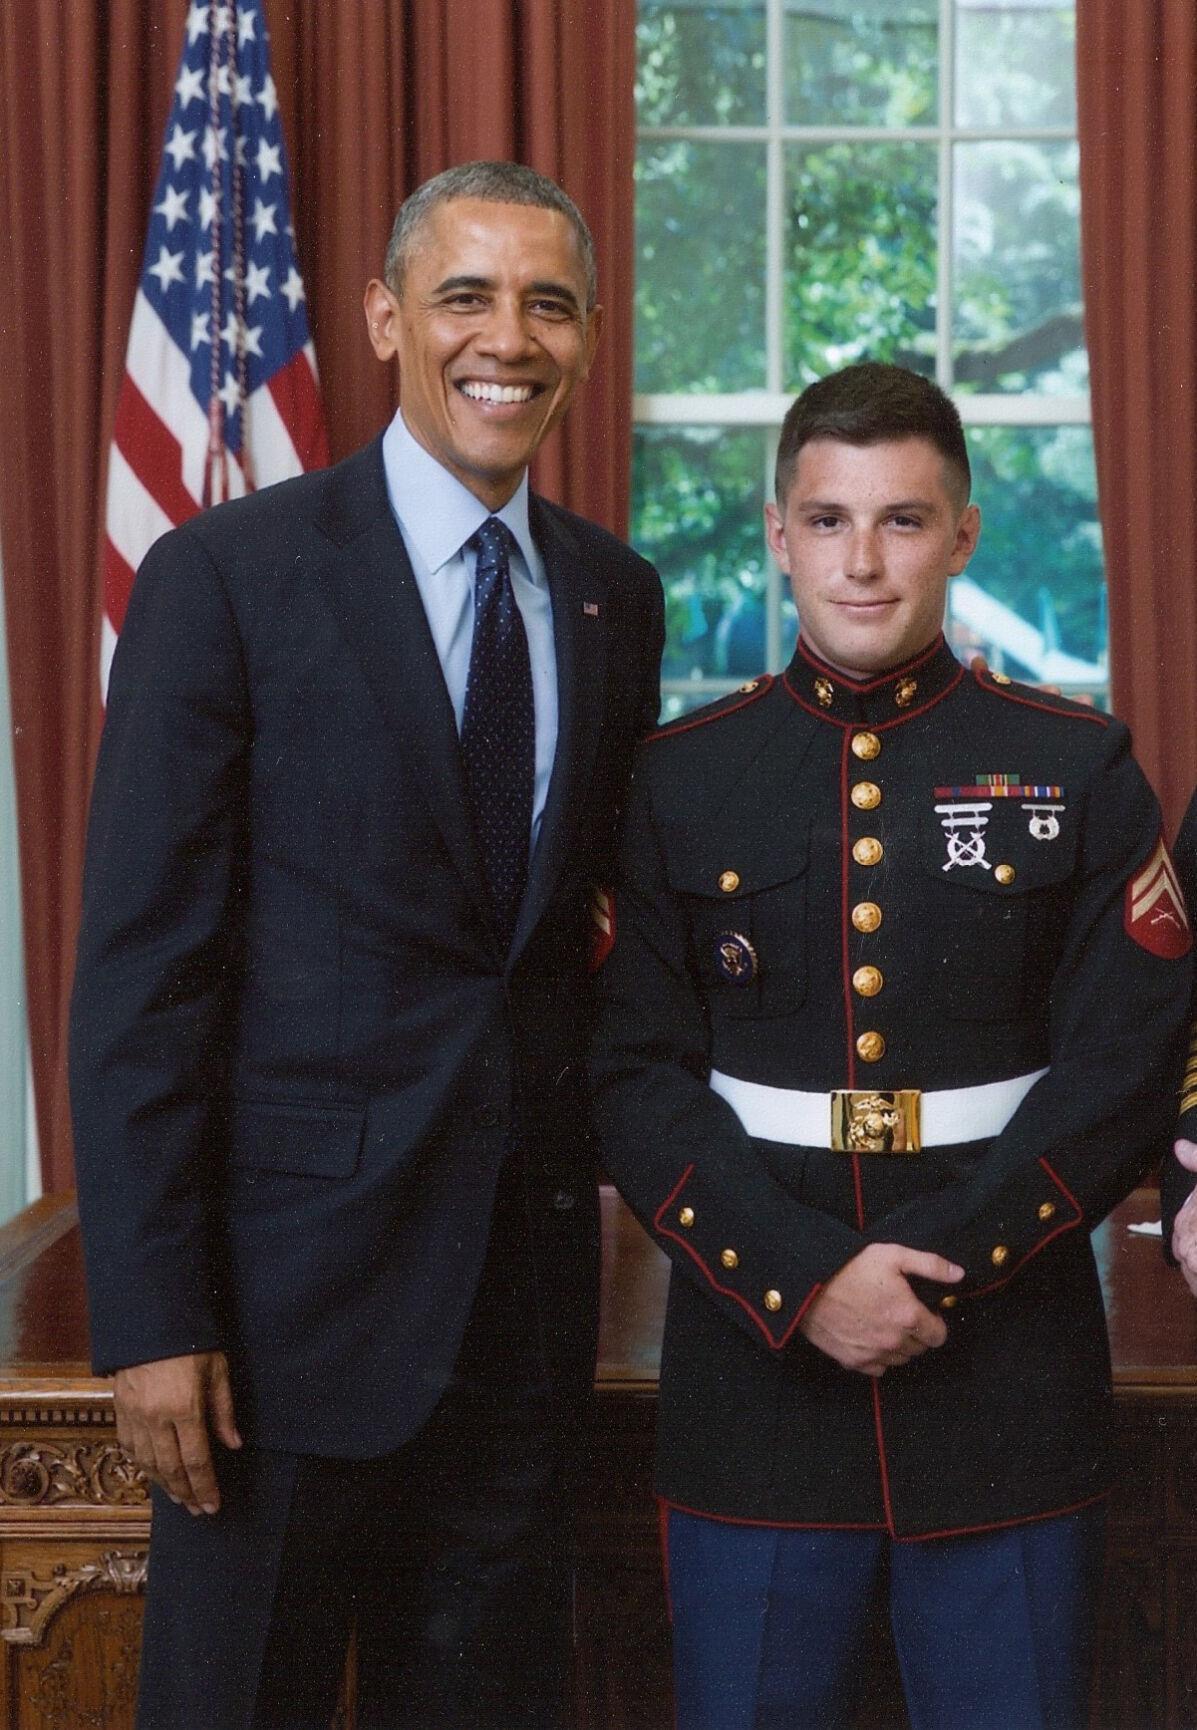 Trevor Reed and Obama 1.jpg